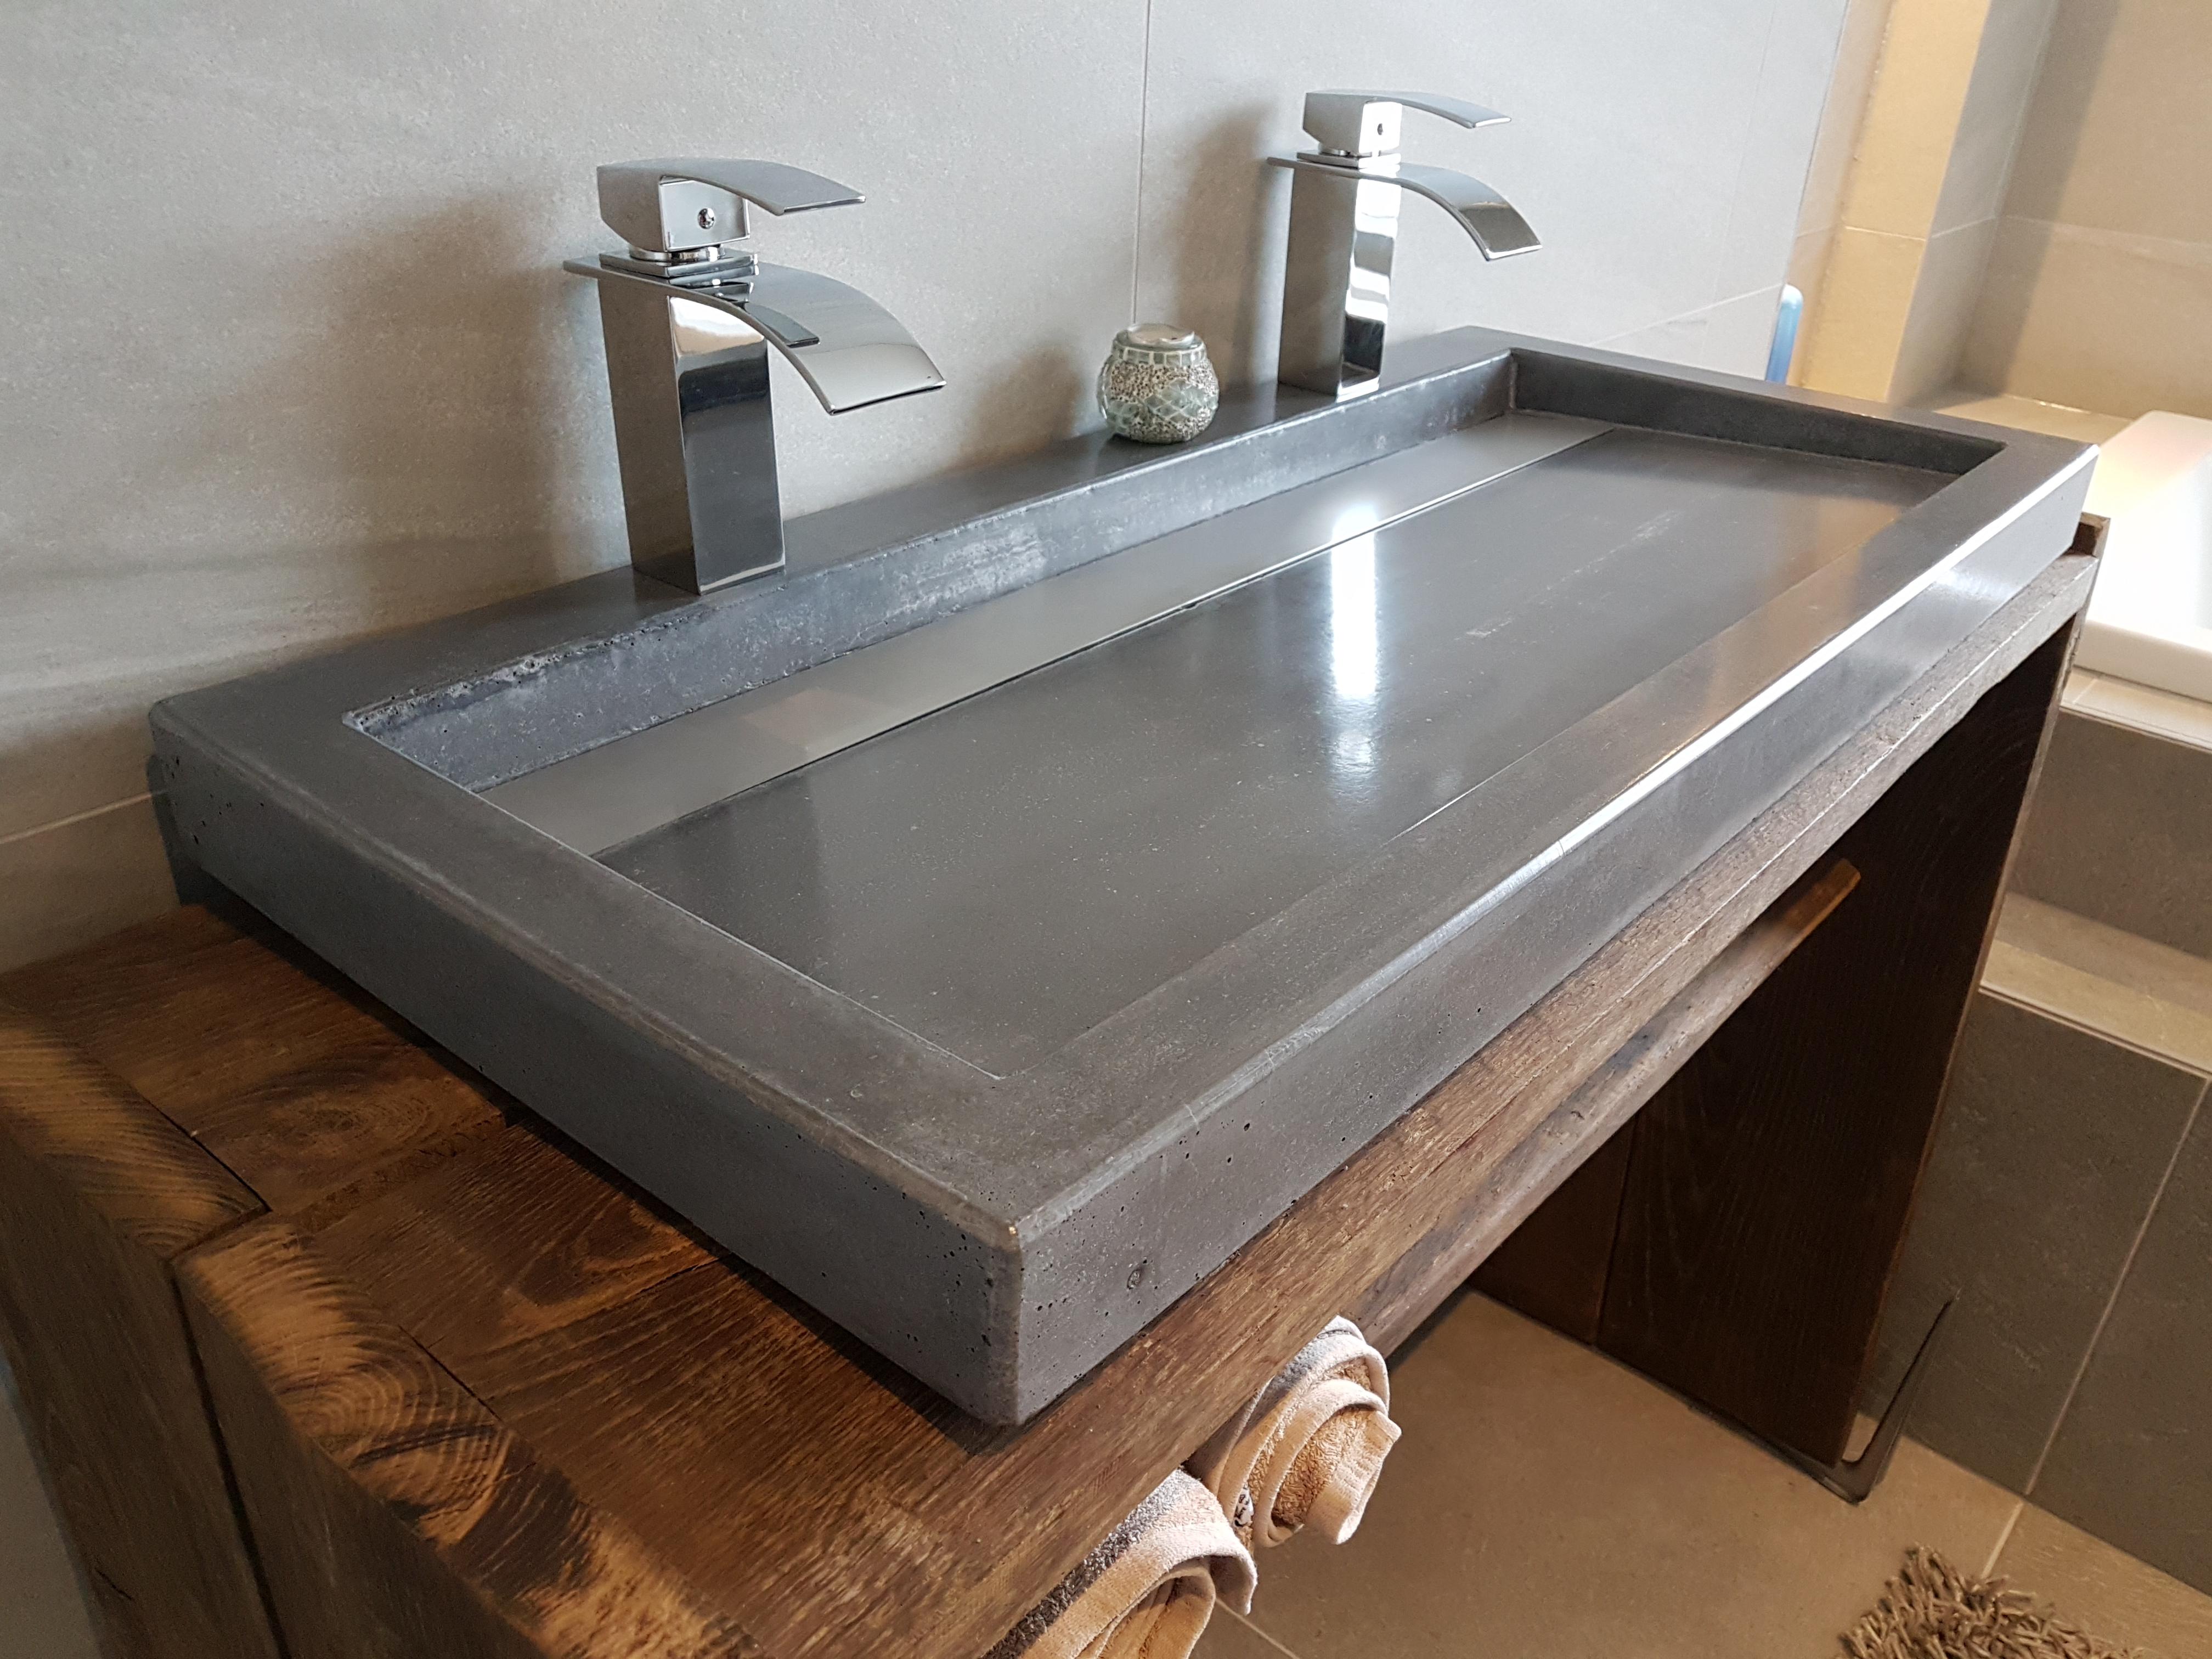 Afvoer Wasbak Badkamer : Wasbak badkamer afvoer aansluiten afvoer dubbele wasbak werkspot